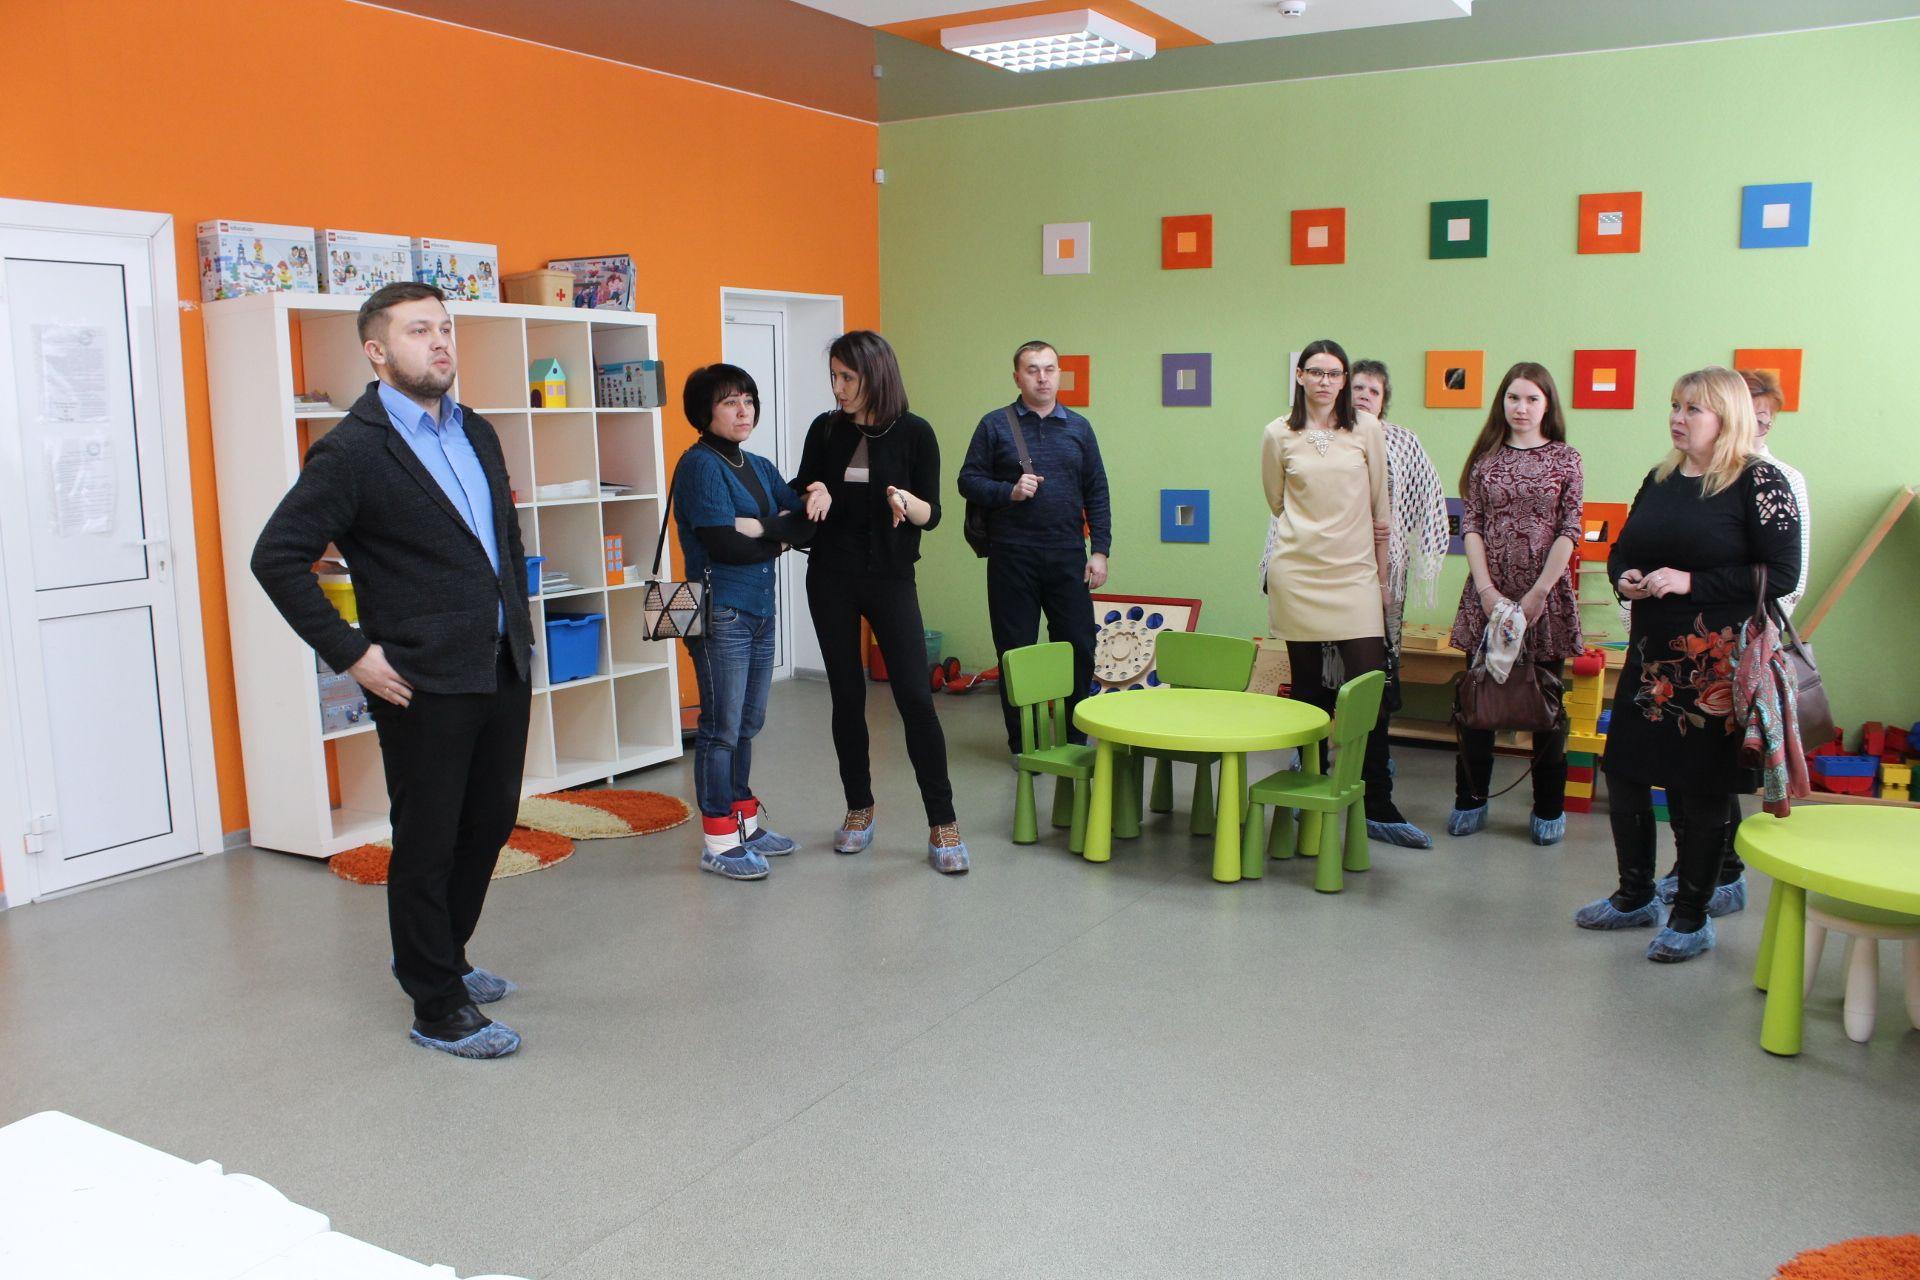 Возрождение технического творчества. Делегация из Копейска приехала в ДЮТТ за новыми знаниями